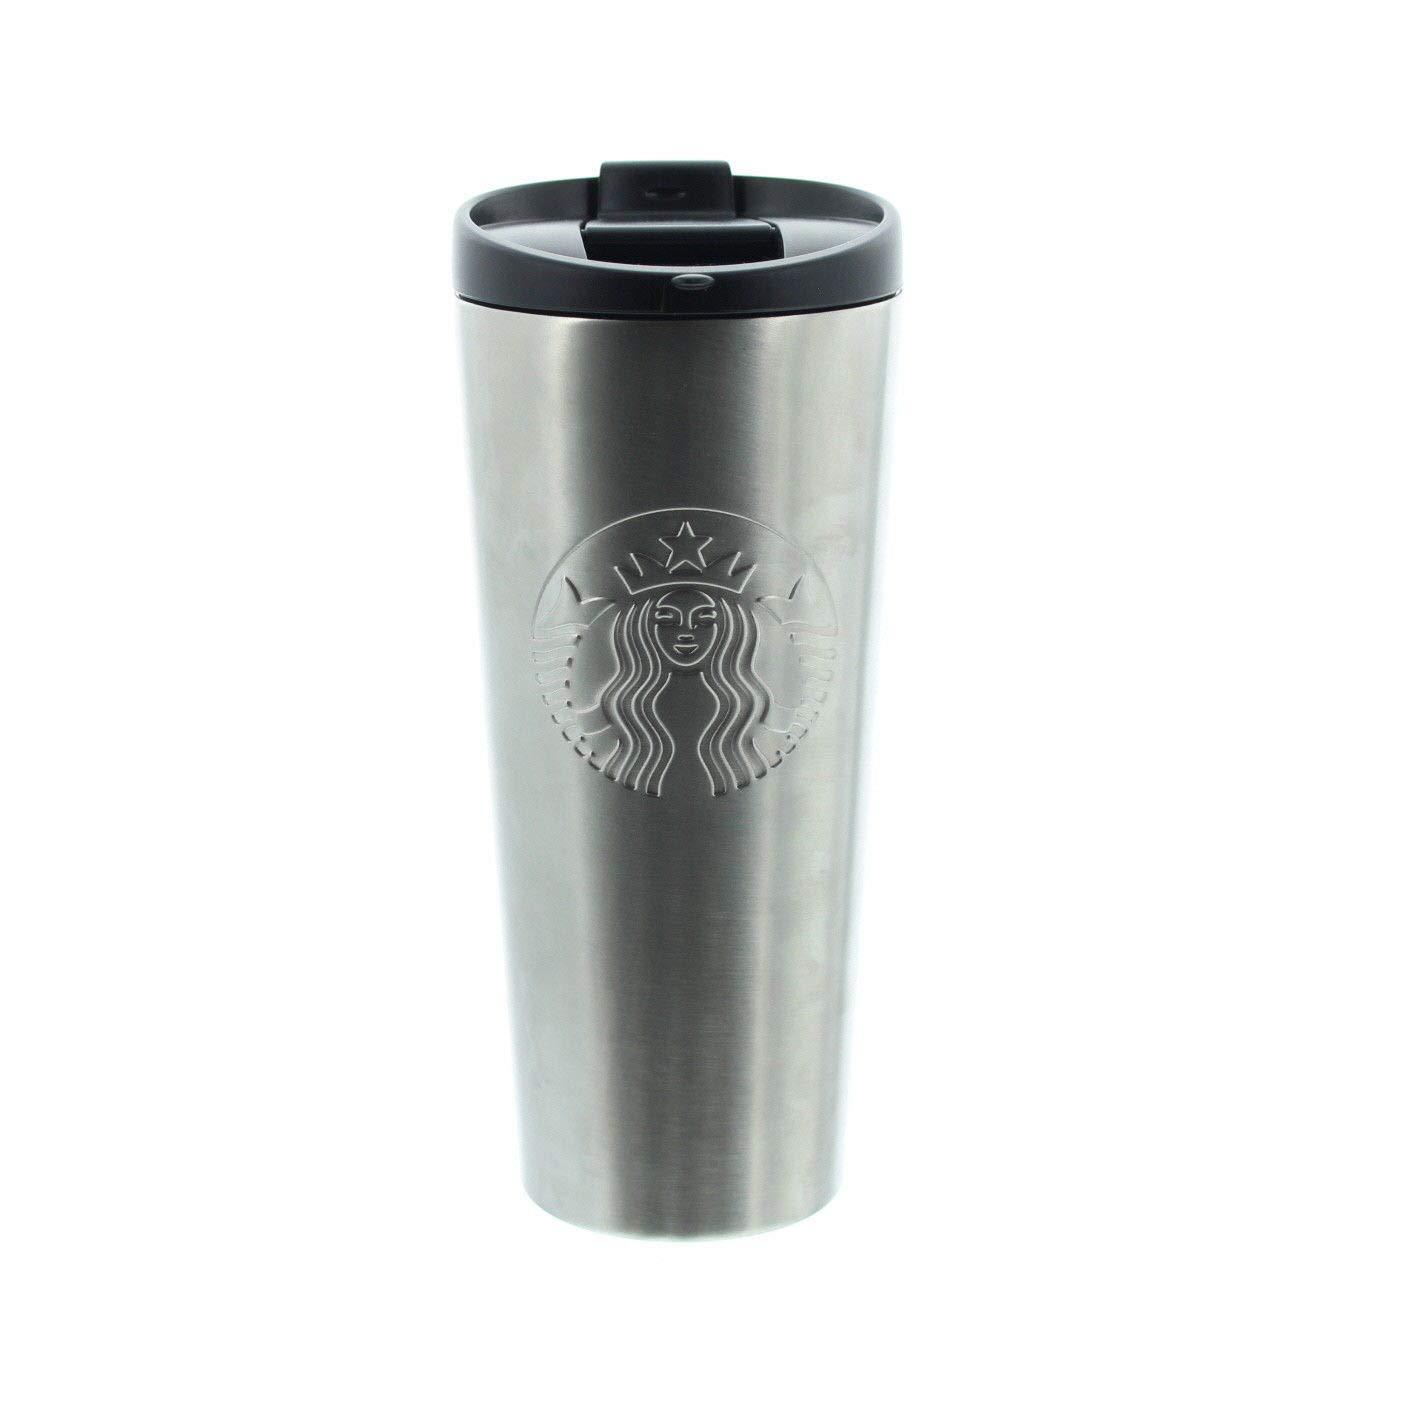 Starbucks Stainless Steel Tumbler 16 oz